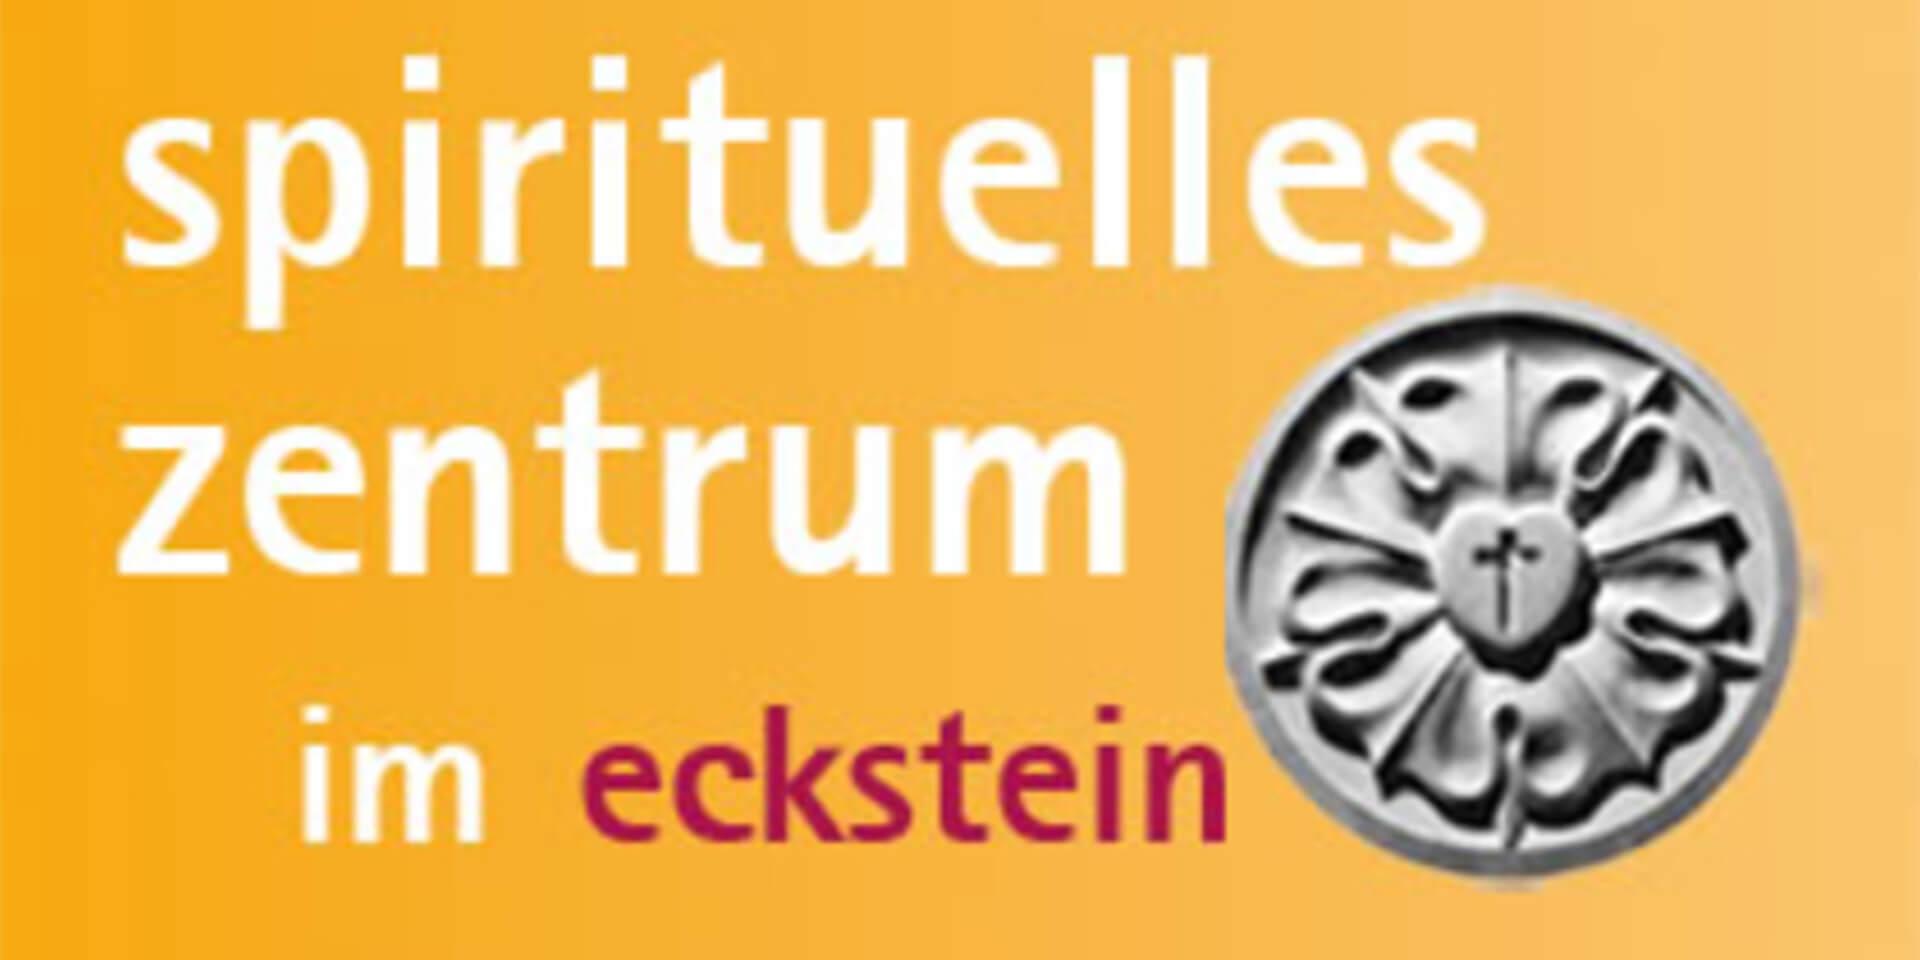 Logo spirituelles zentrum - im eckstein,© spirituelles zentrum - im eckstein